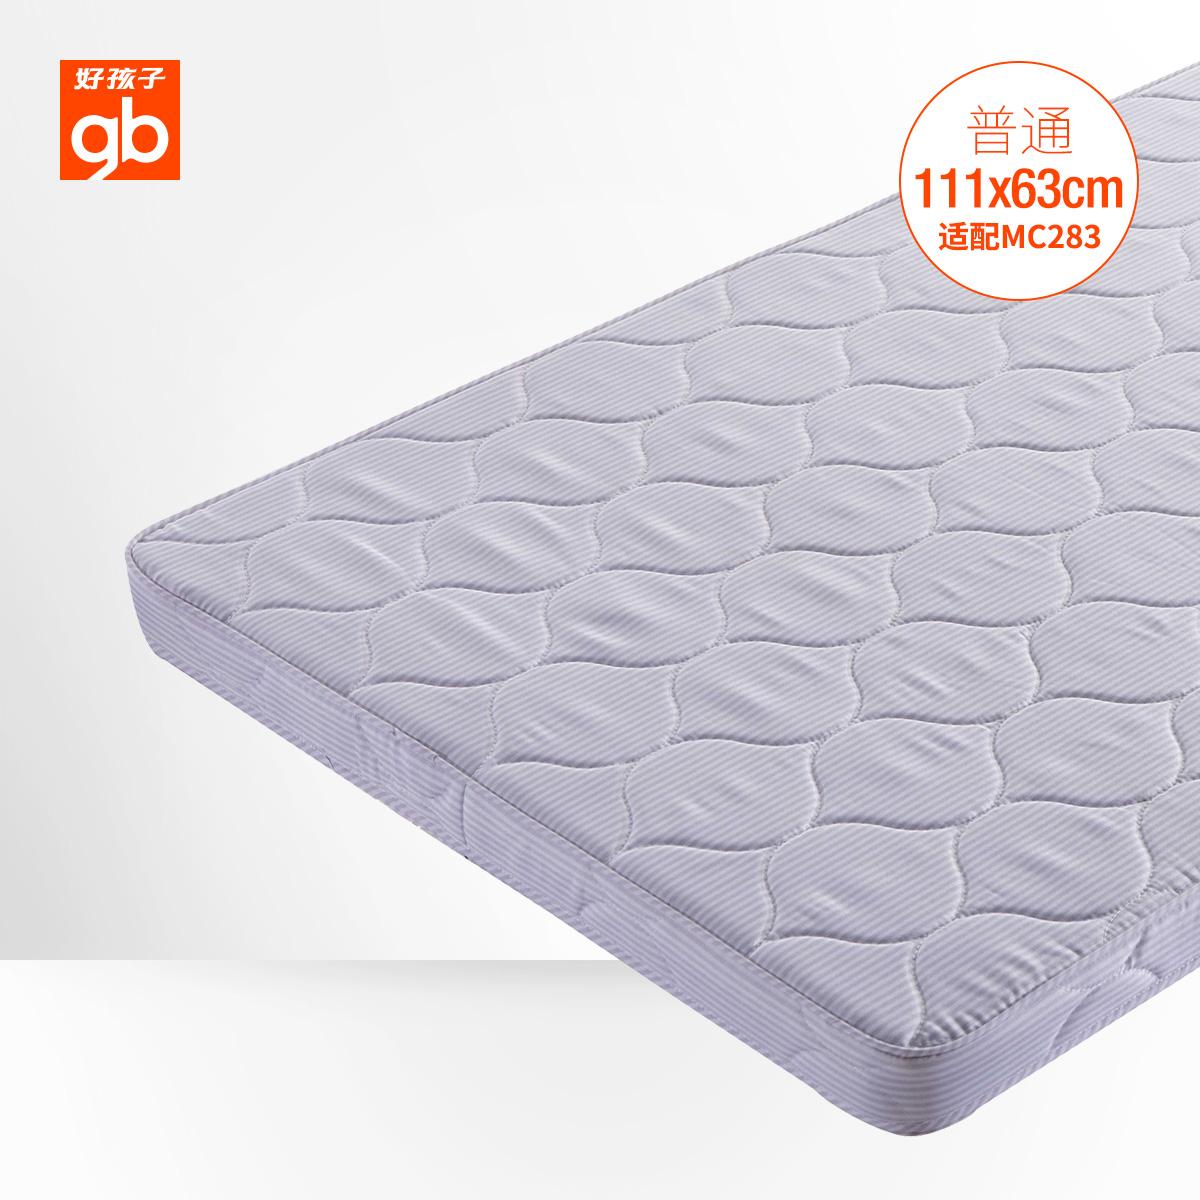 gb好孩子婴儿床垫FD788